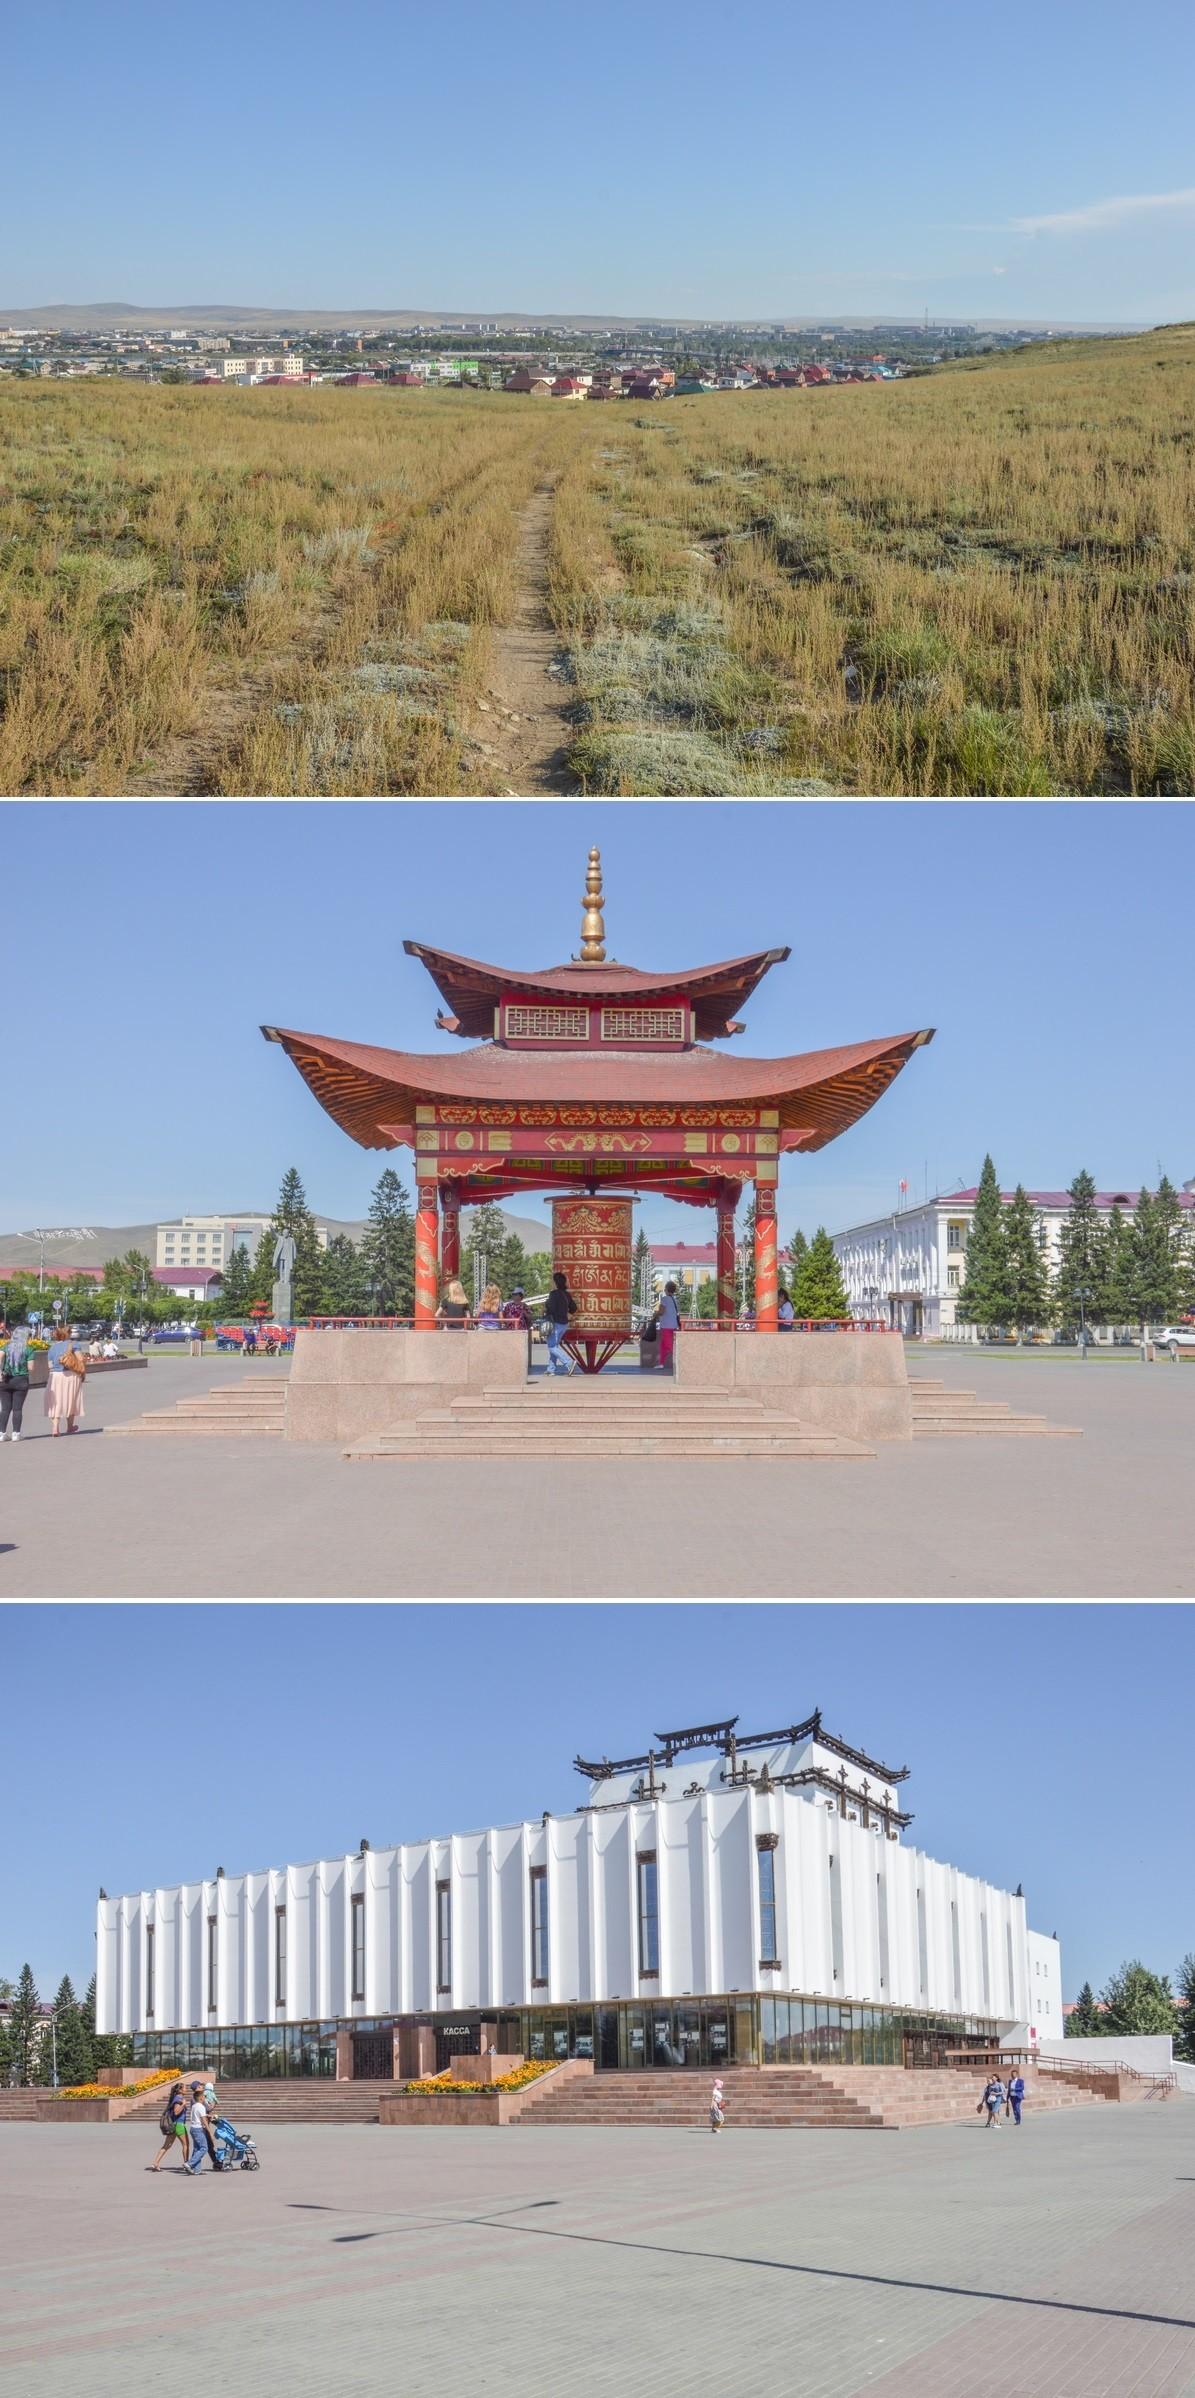 Assoiffé, mais comblé de sérénité, je regagne finalement la ville, où le départ se fait imminent. Dernier passage par la place centrale, bordée par une statue de Lénine, mais ayant en son centre un majestueux moulin à prières bouddhiste et un monumental théâtre semblant tout droit venu du Tibet.